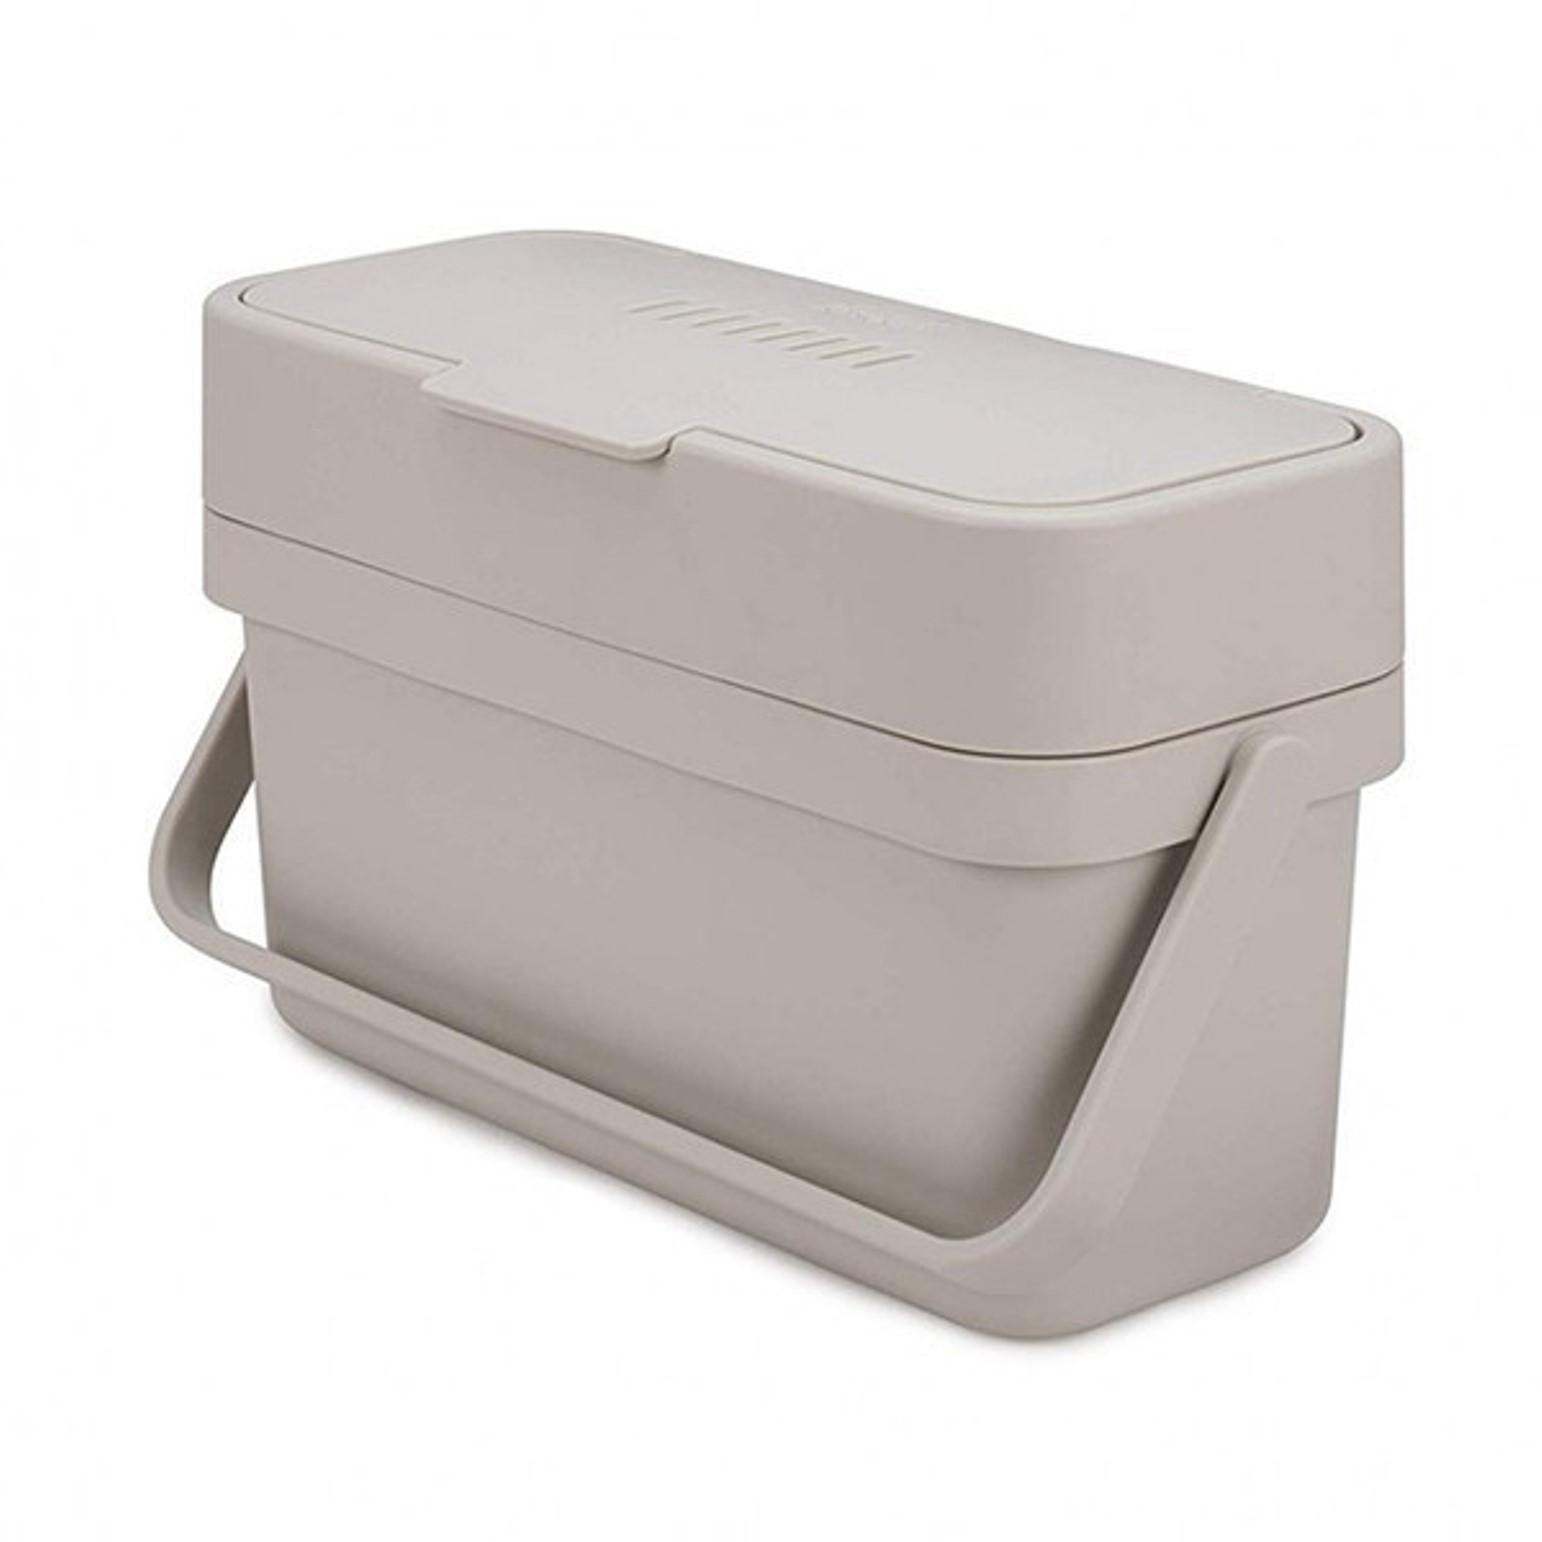 Онлайн каталог PROMENU: Контейнер для пищевых отходов с кронштейном для крепления Joseph Joseph COMPO 4, объем 4 л, 18x29,6x12,9 см, серый Joseph Joseph 30046